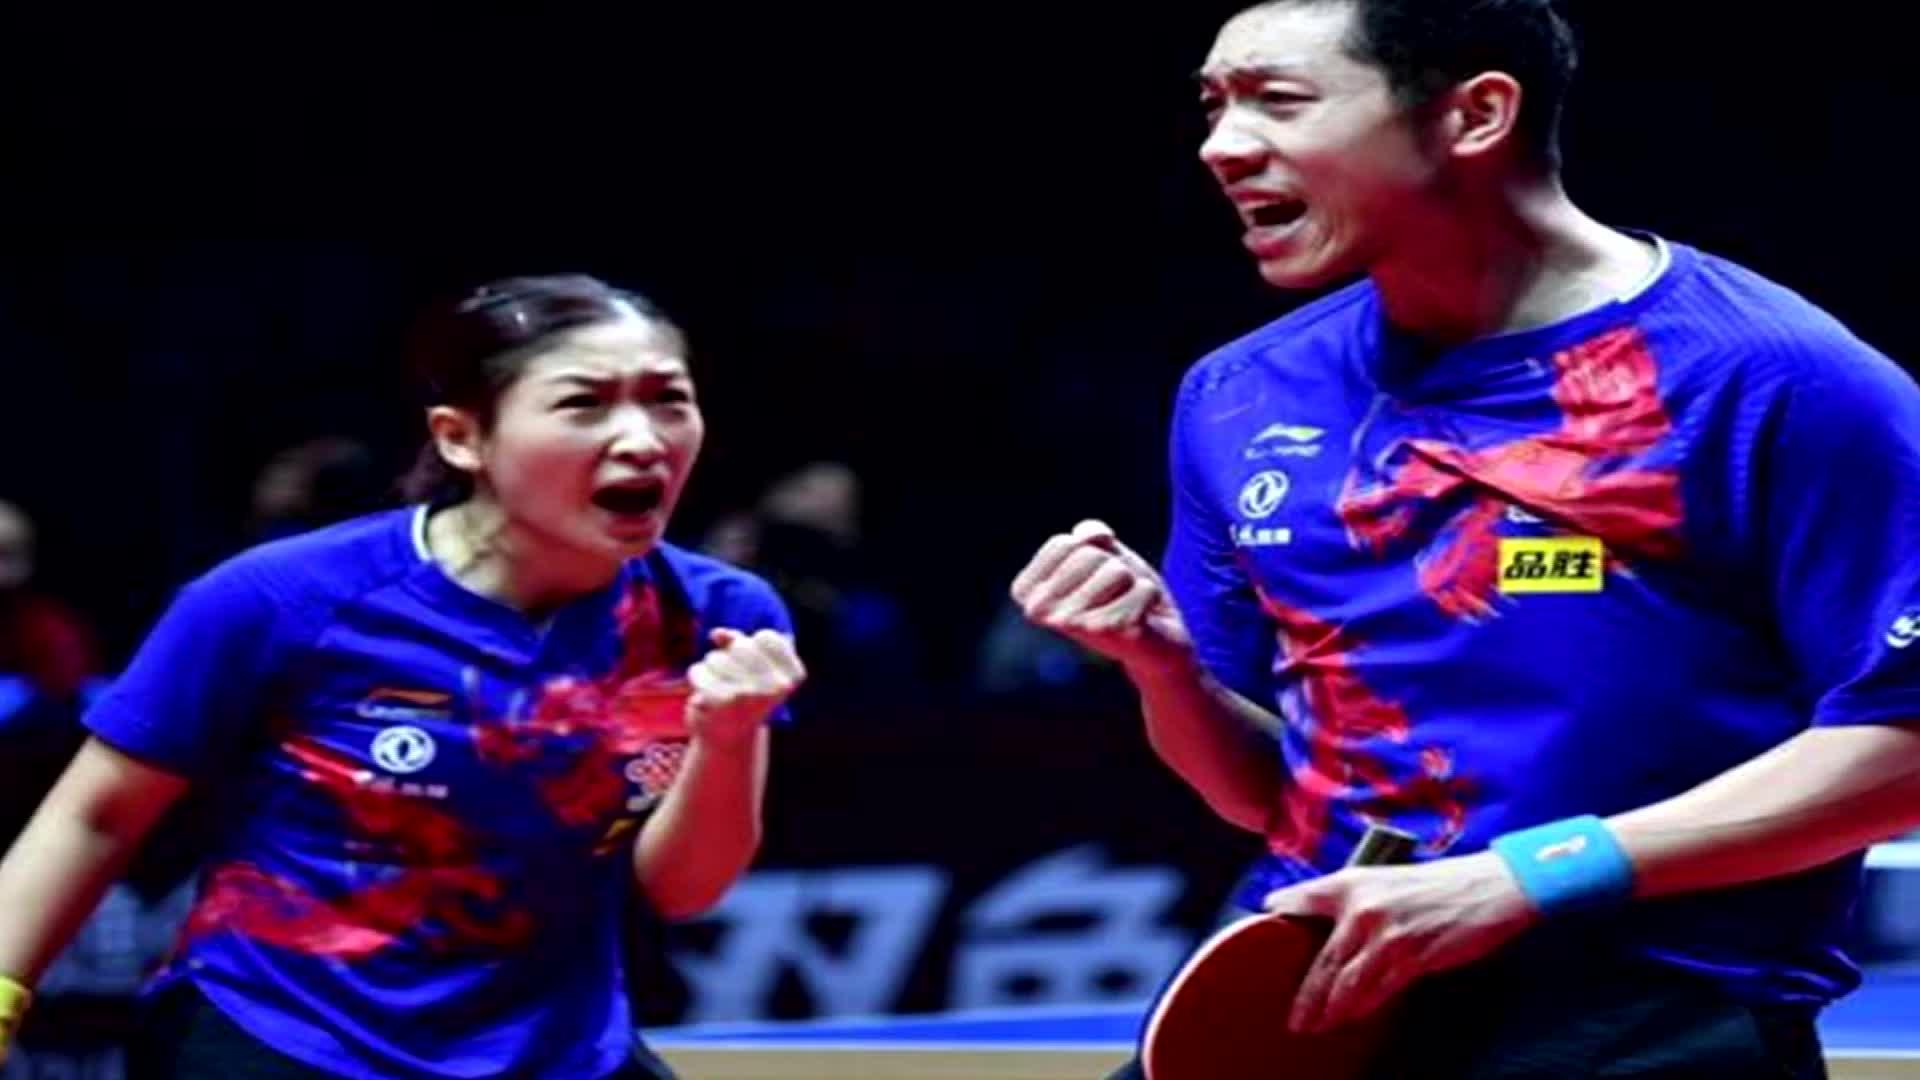 许昕刘诗雯是国乒唯一确定奥运参赛人 乒联总决赛一冠定乾坤